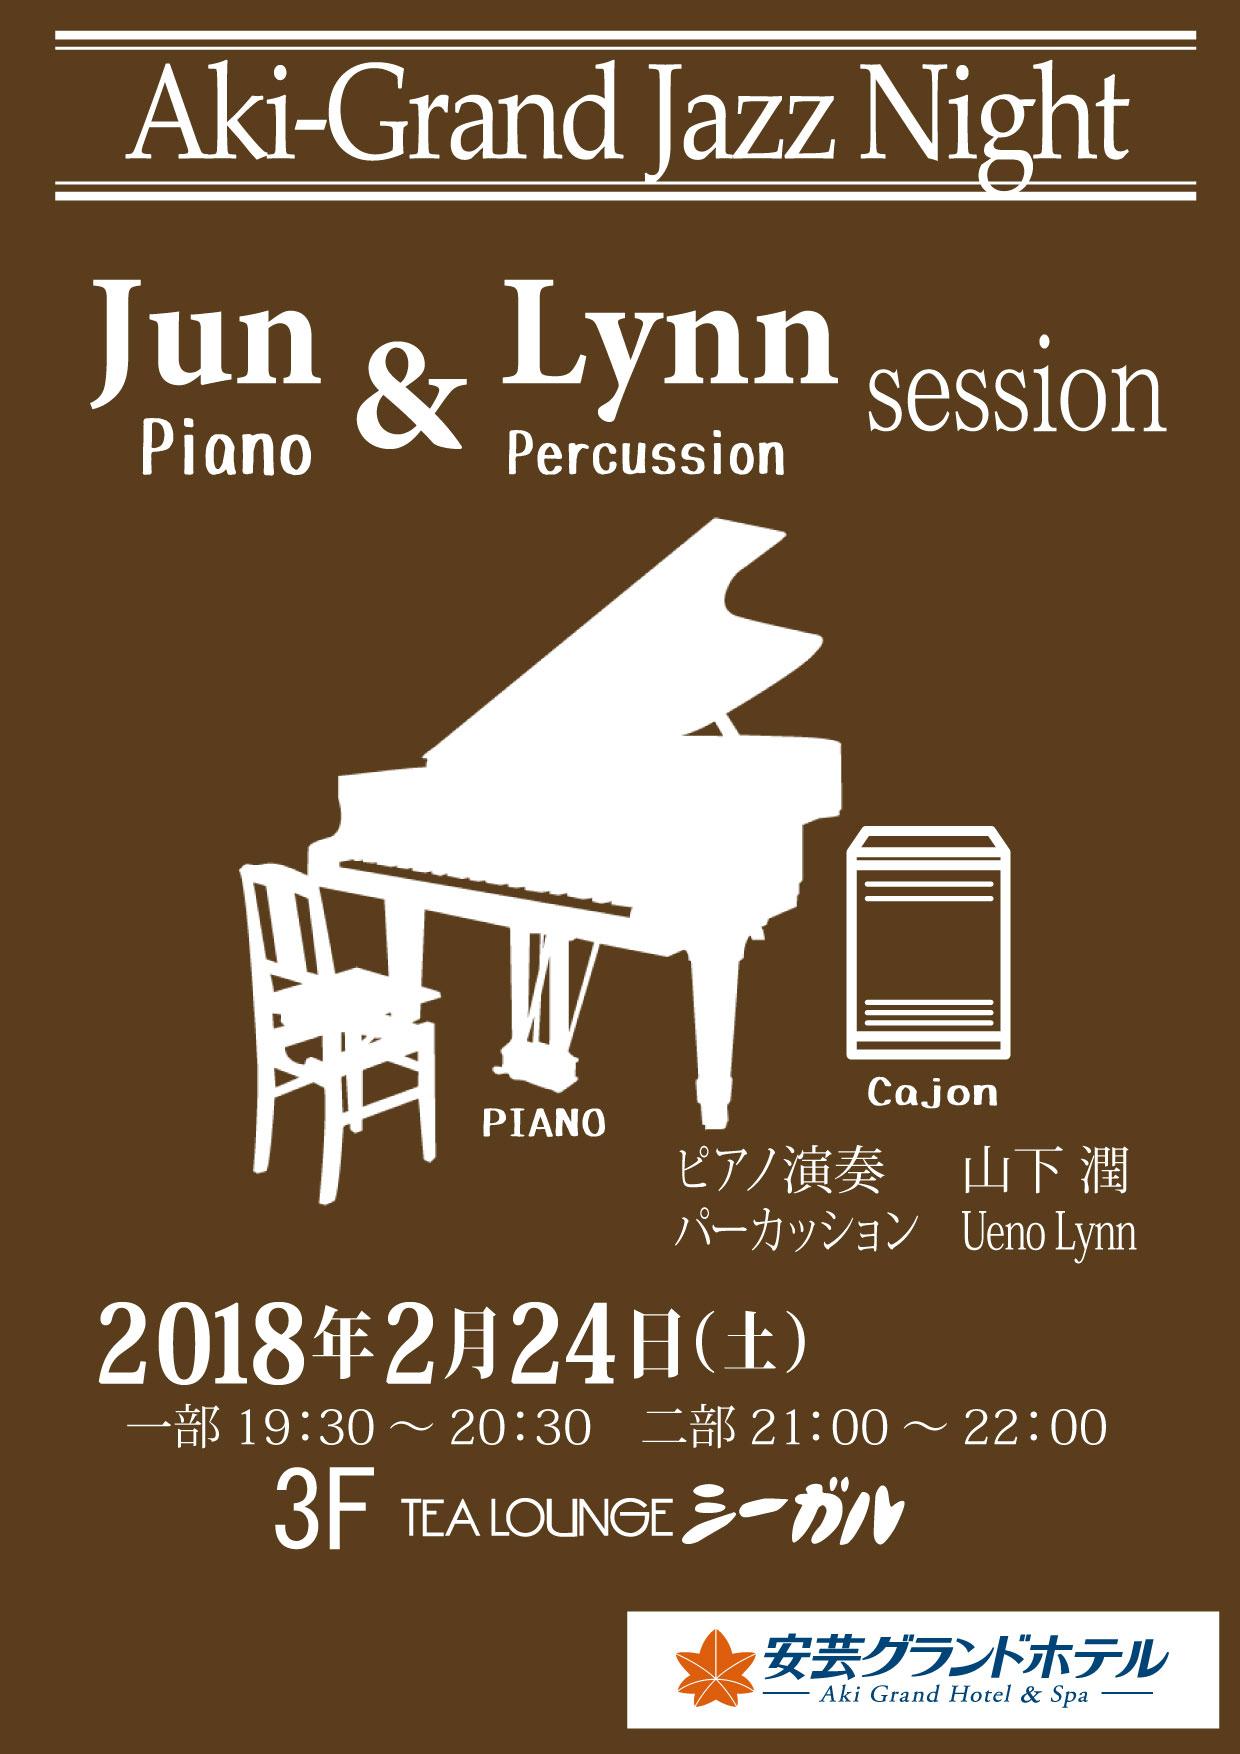 2018/2/24(土)潤&Lynnのjazz sessionが行われます